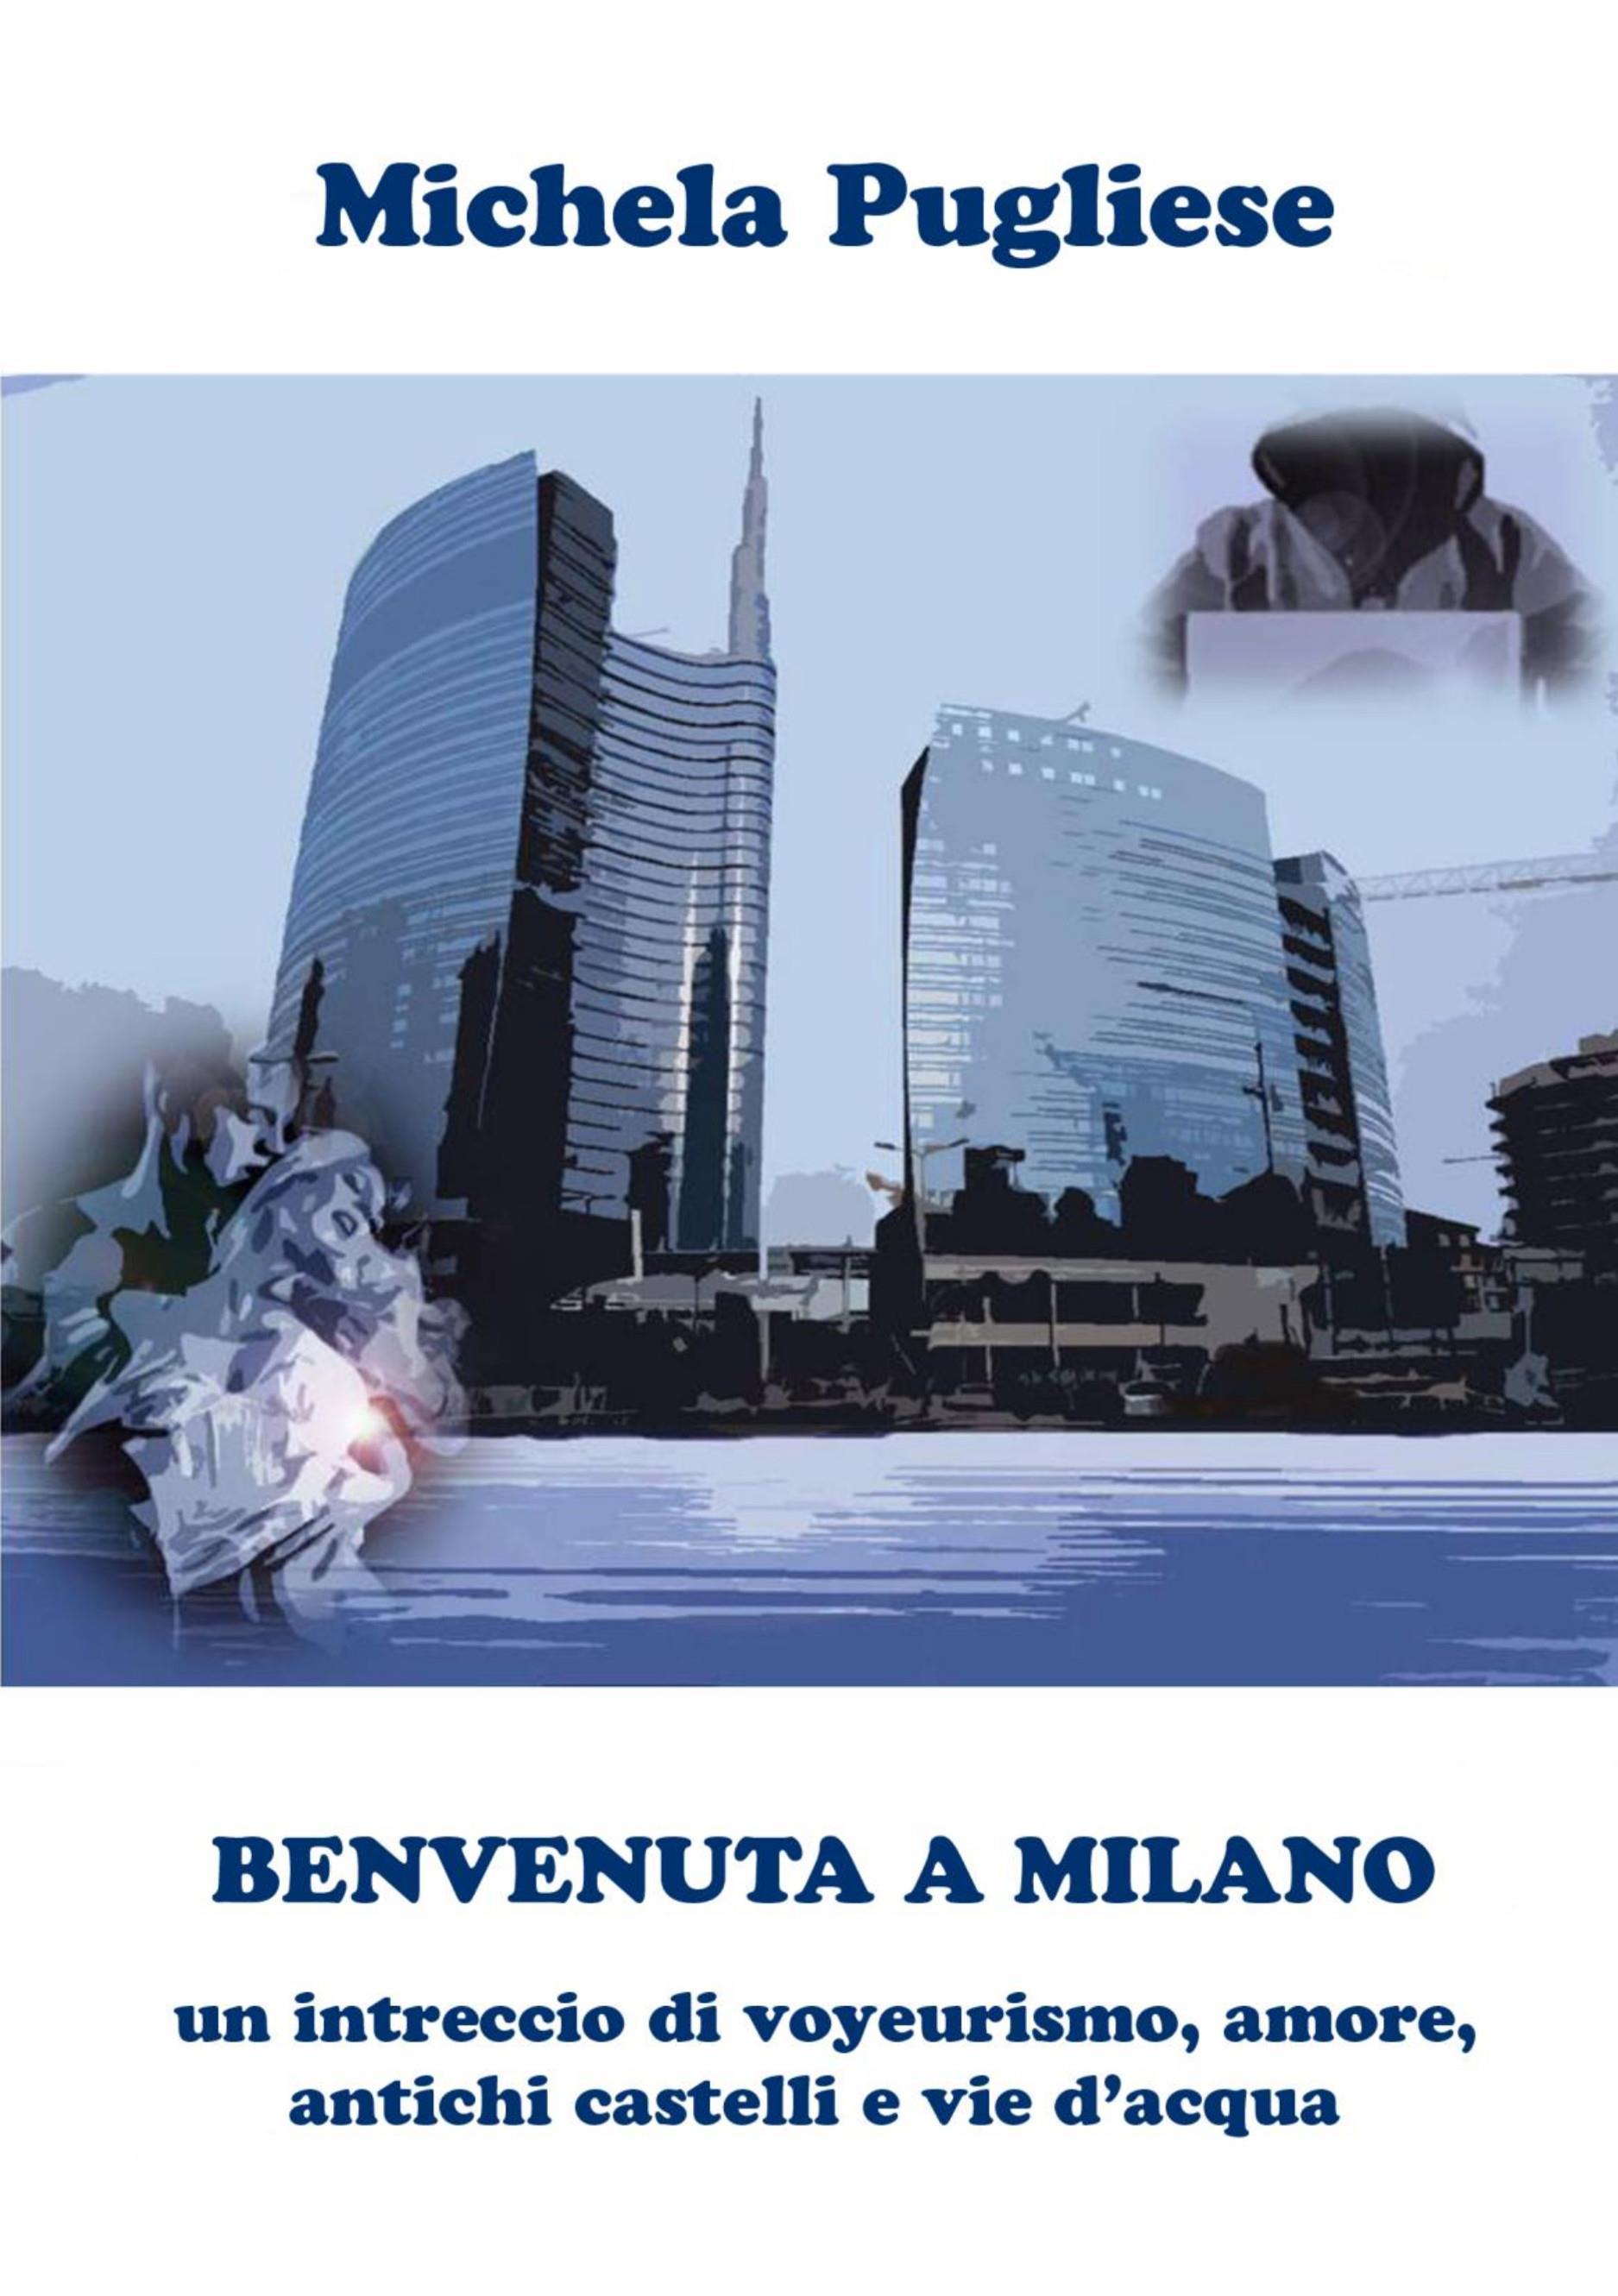 BENVENUTA A MILANO: un intreccio di voyeurismo, amore, antichi castelli e vie d'acqua